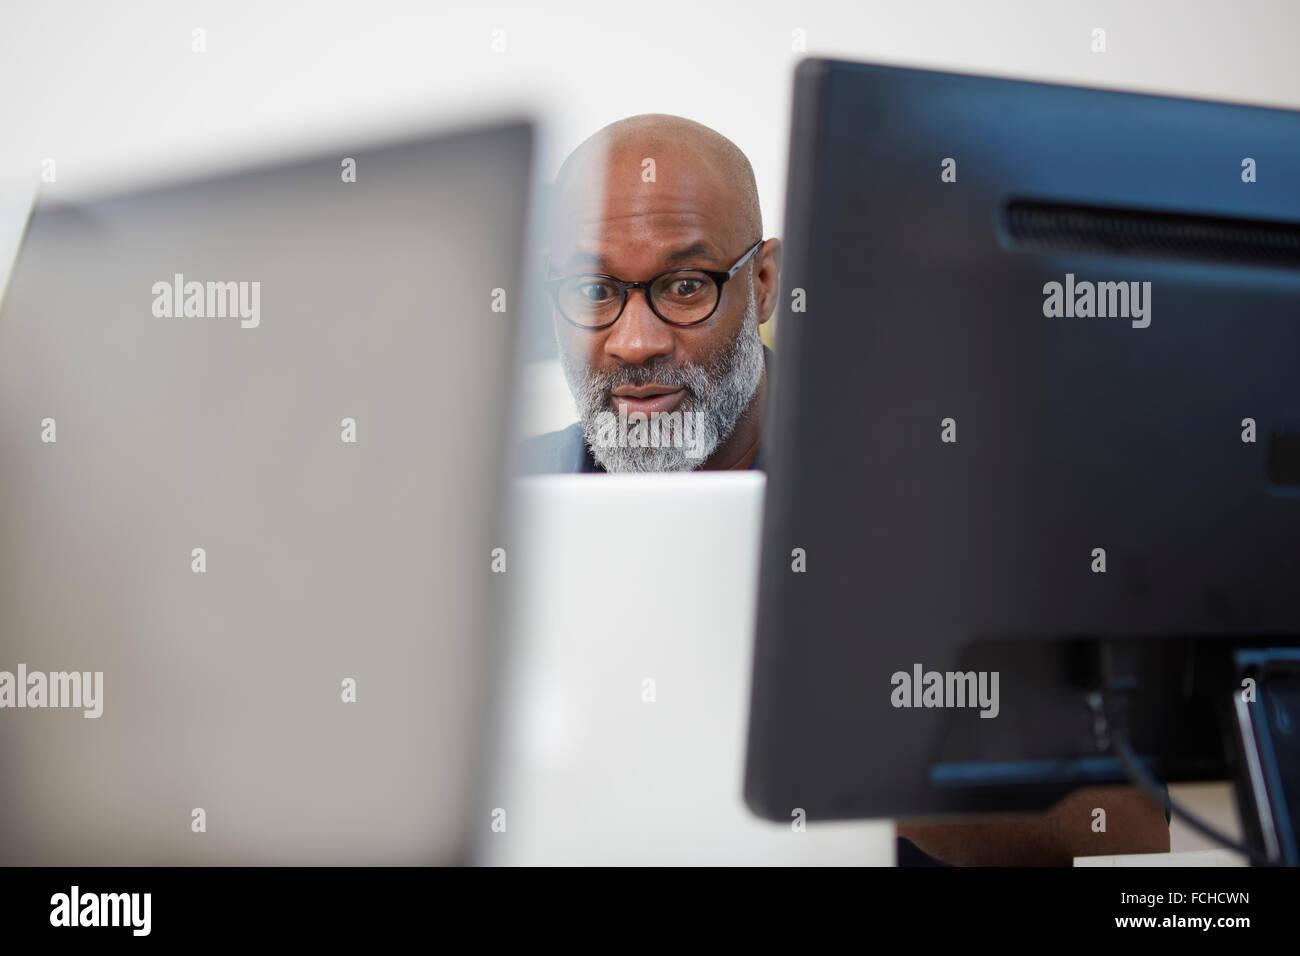 Ritratto di stupito uomo tra i monitor dei computer Immagini Stock